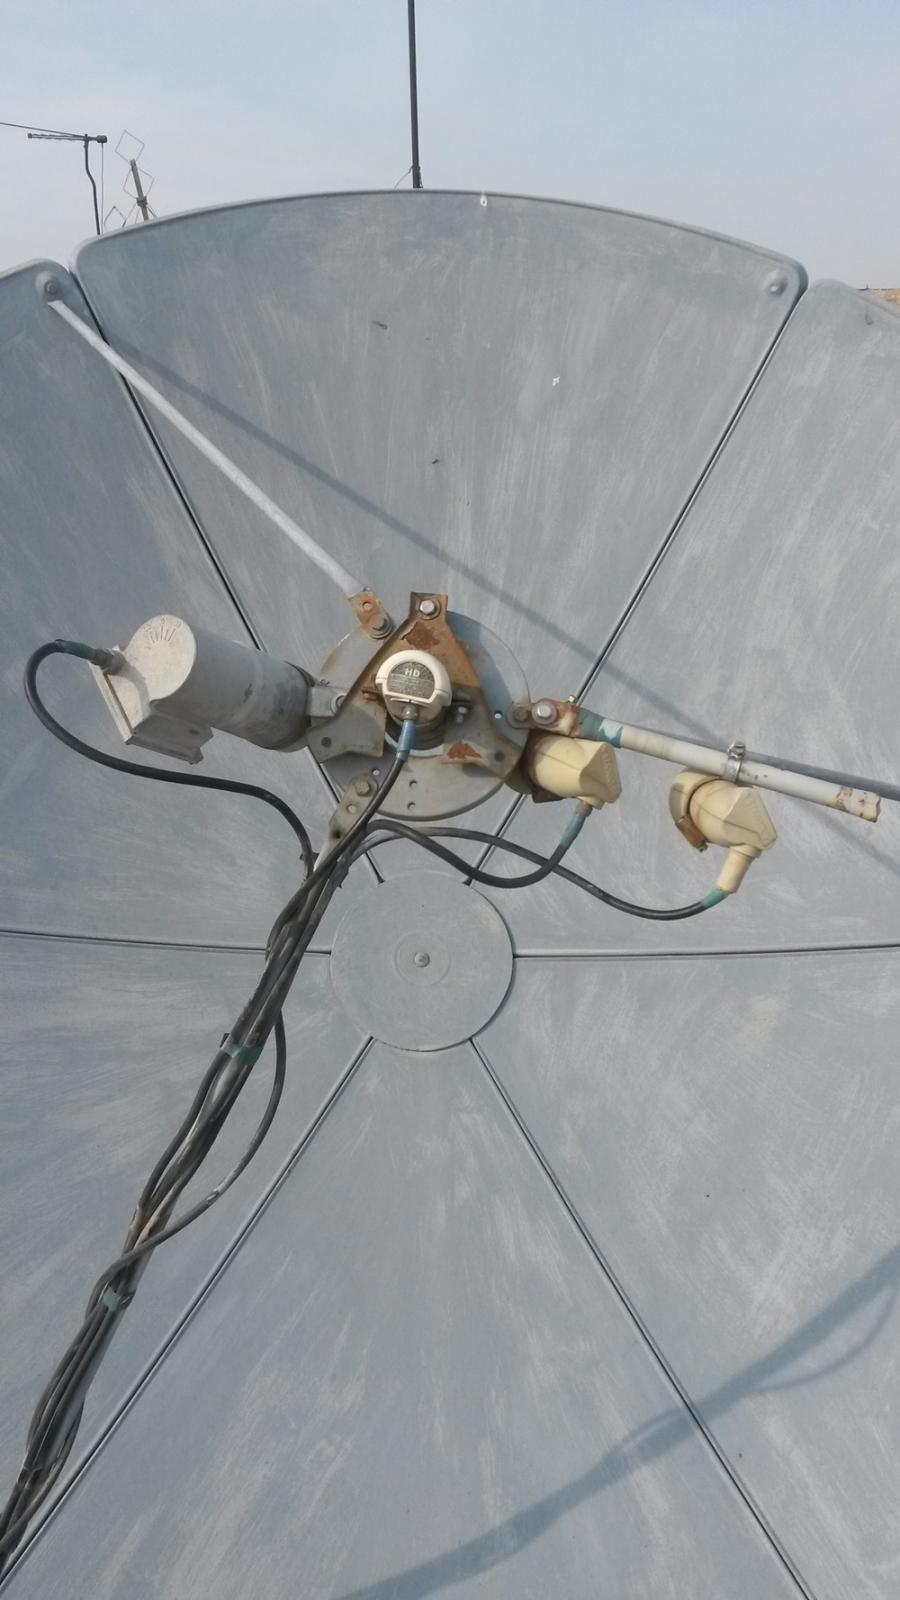 Как самому сделать спутниковую антенну Cпутниковая антенна 80